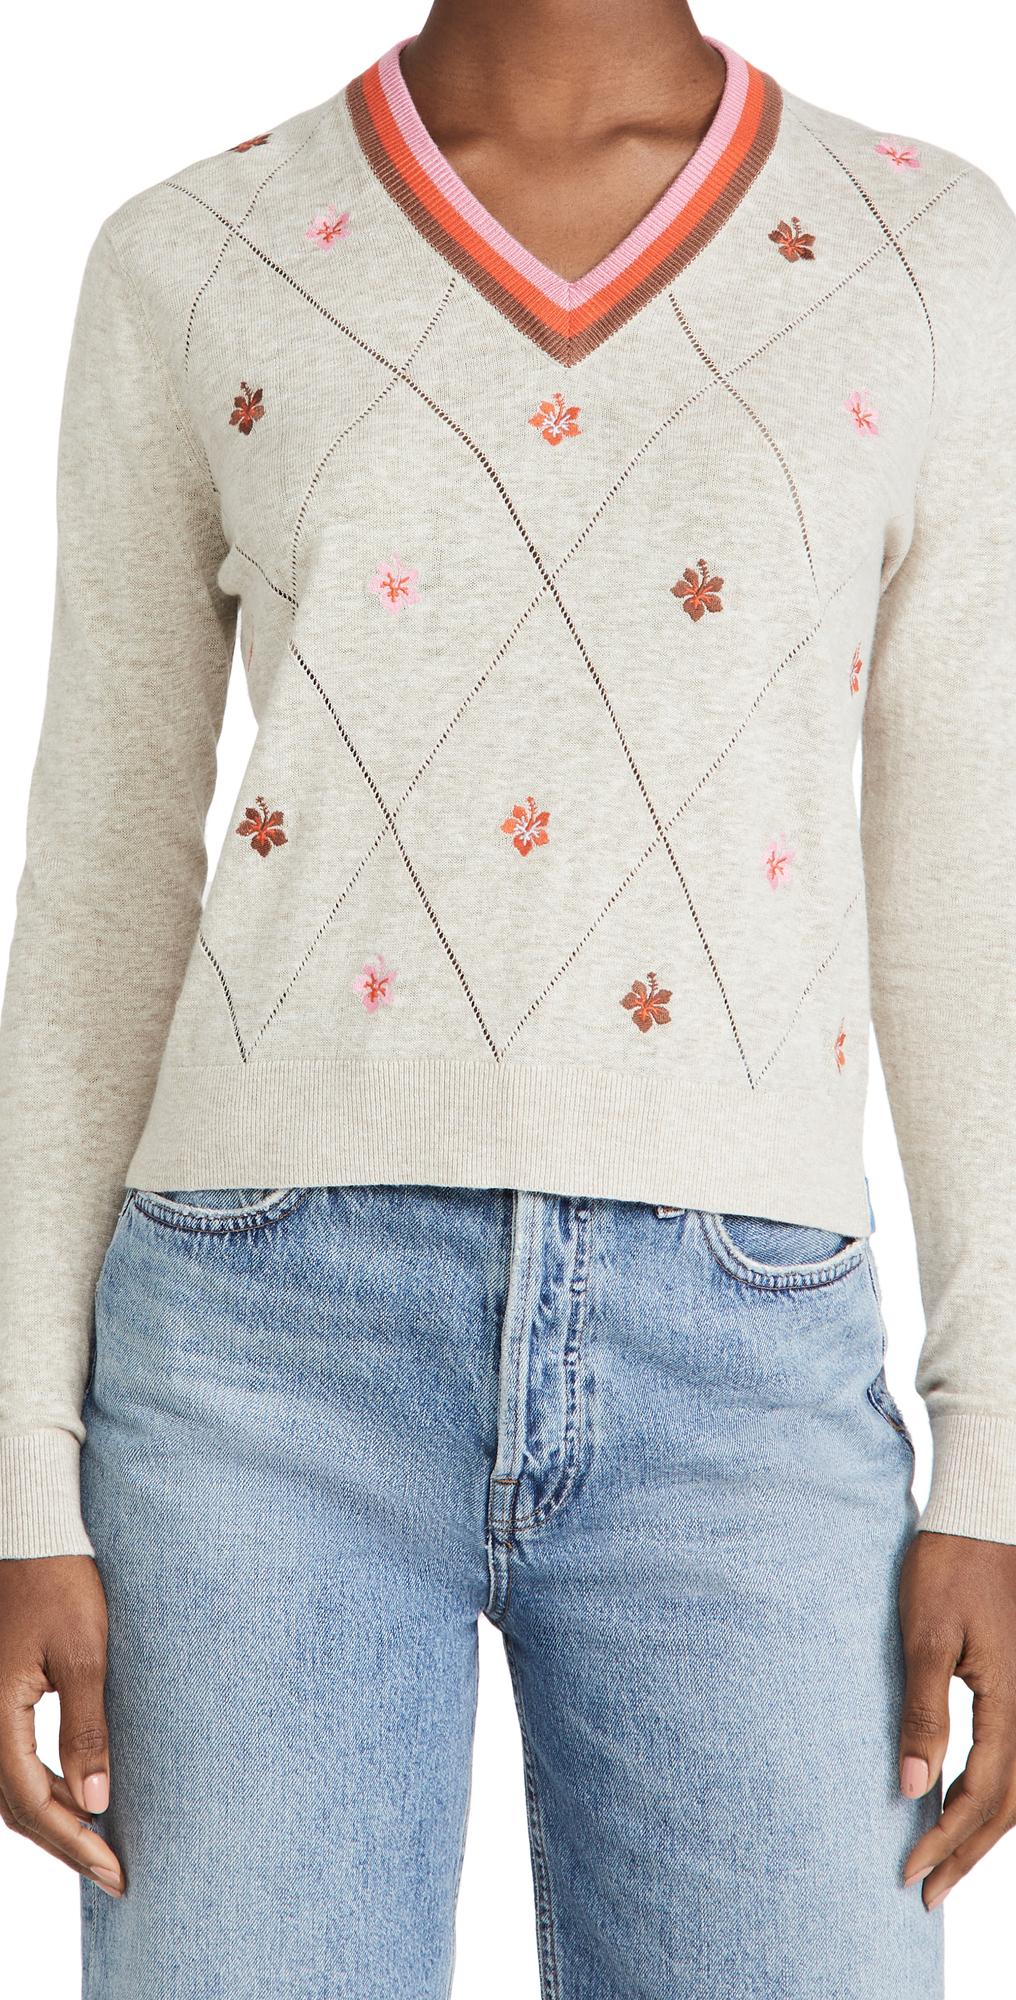 The Kai Sweater